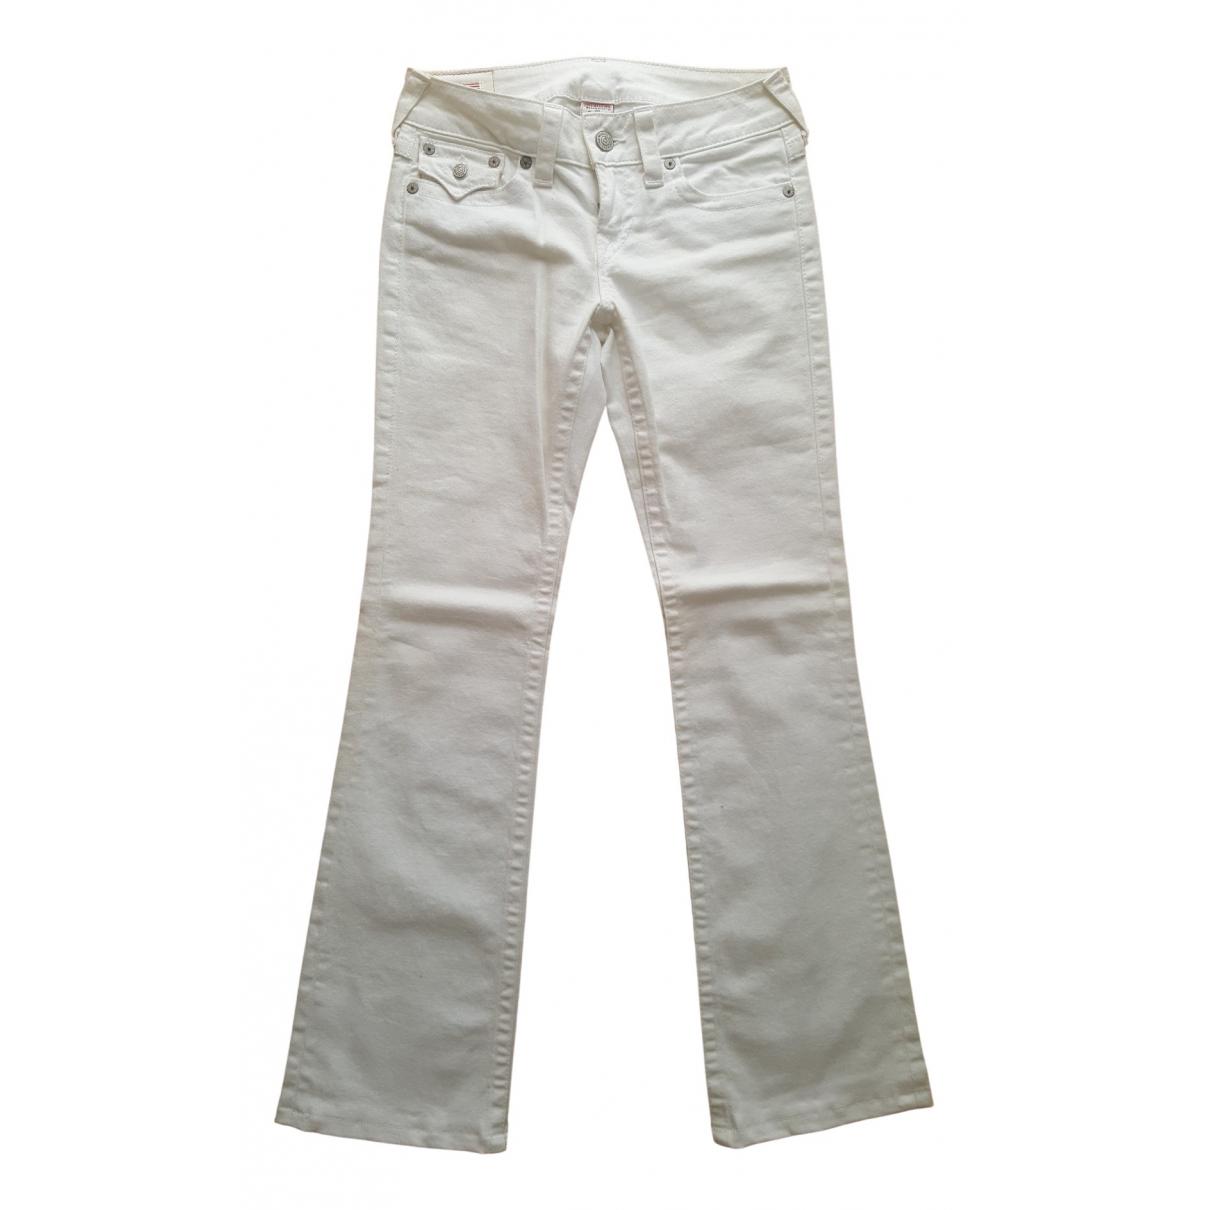 True Religion \N White Cotton - elasthane Jeans for Women 38 FR